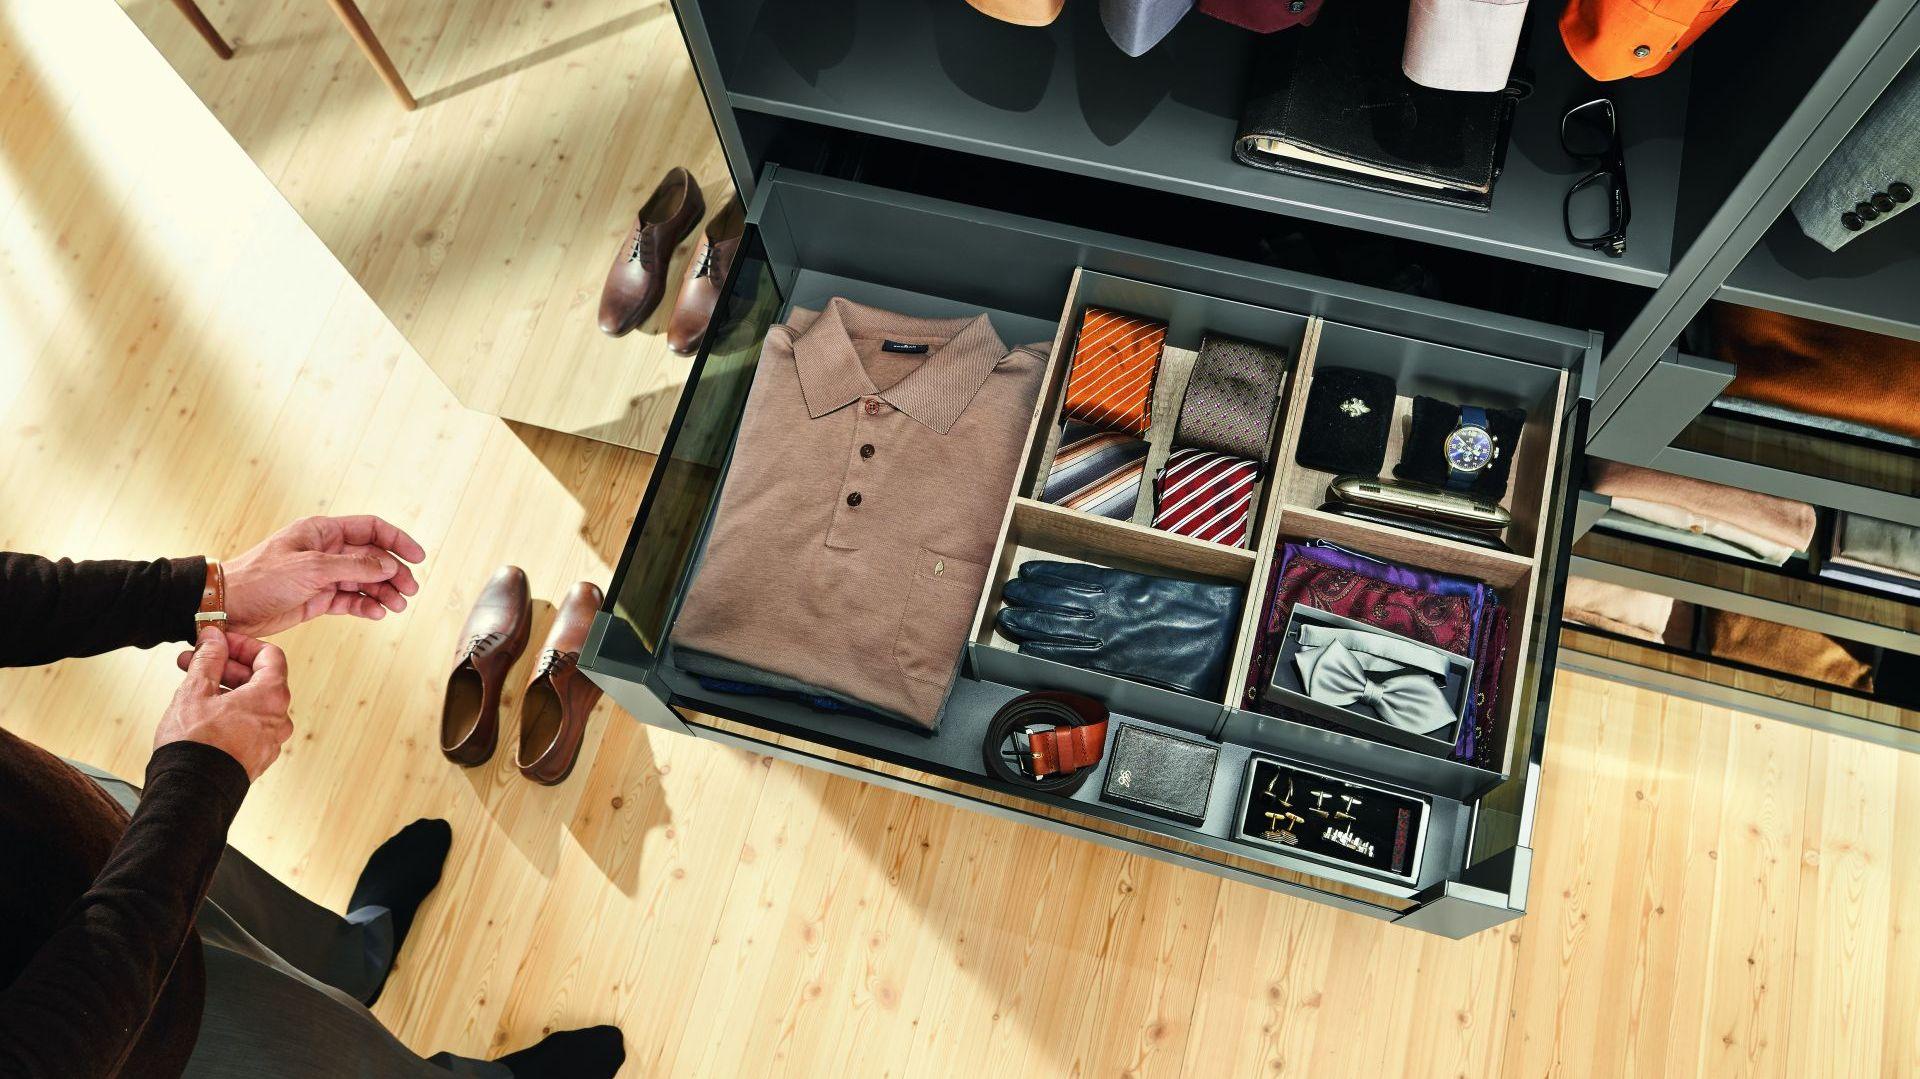 Separatory oraz specjalne pojemniki umieszczone w szufladach pozwolą na łatwe utrzymanie porządku w garderobie. Fot. Blum